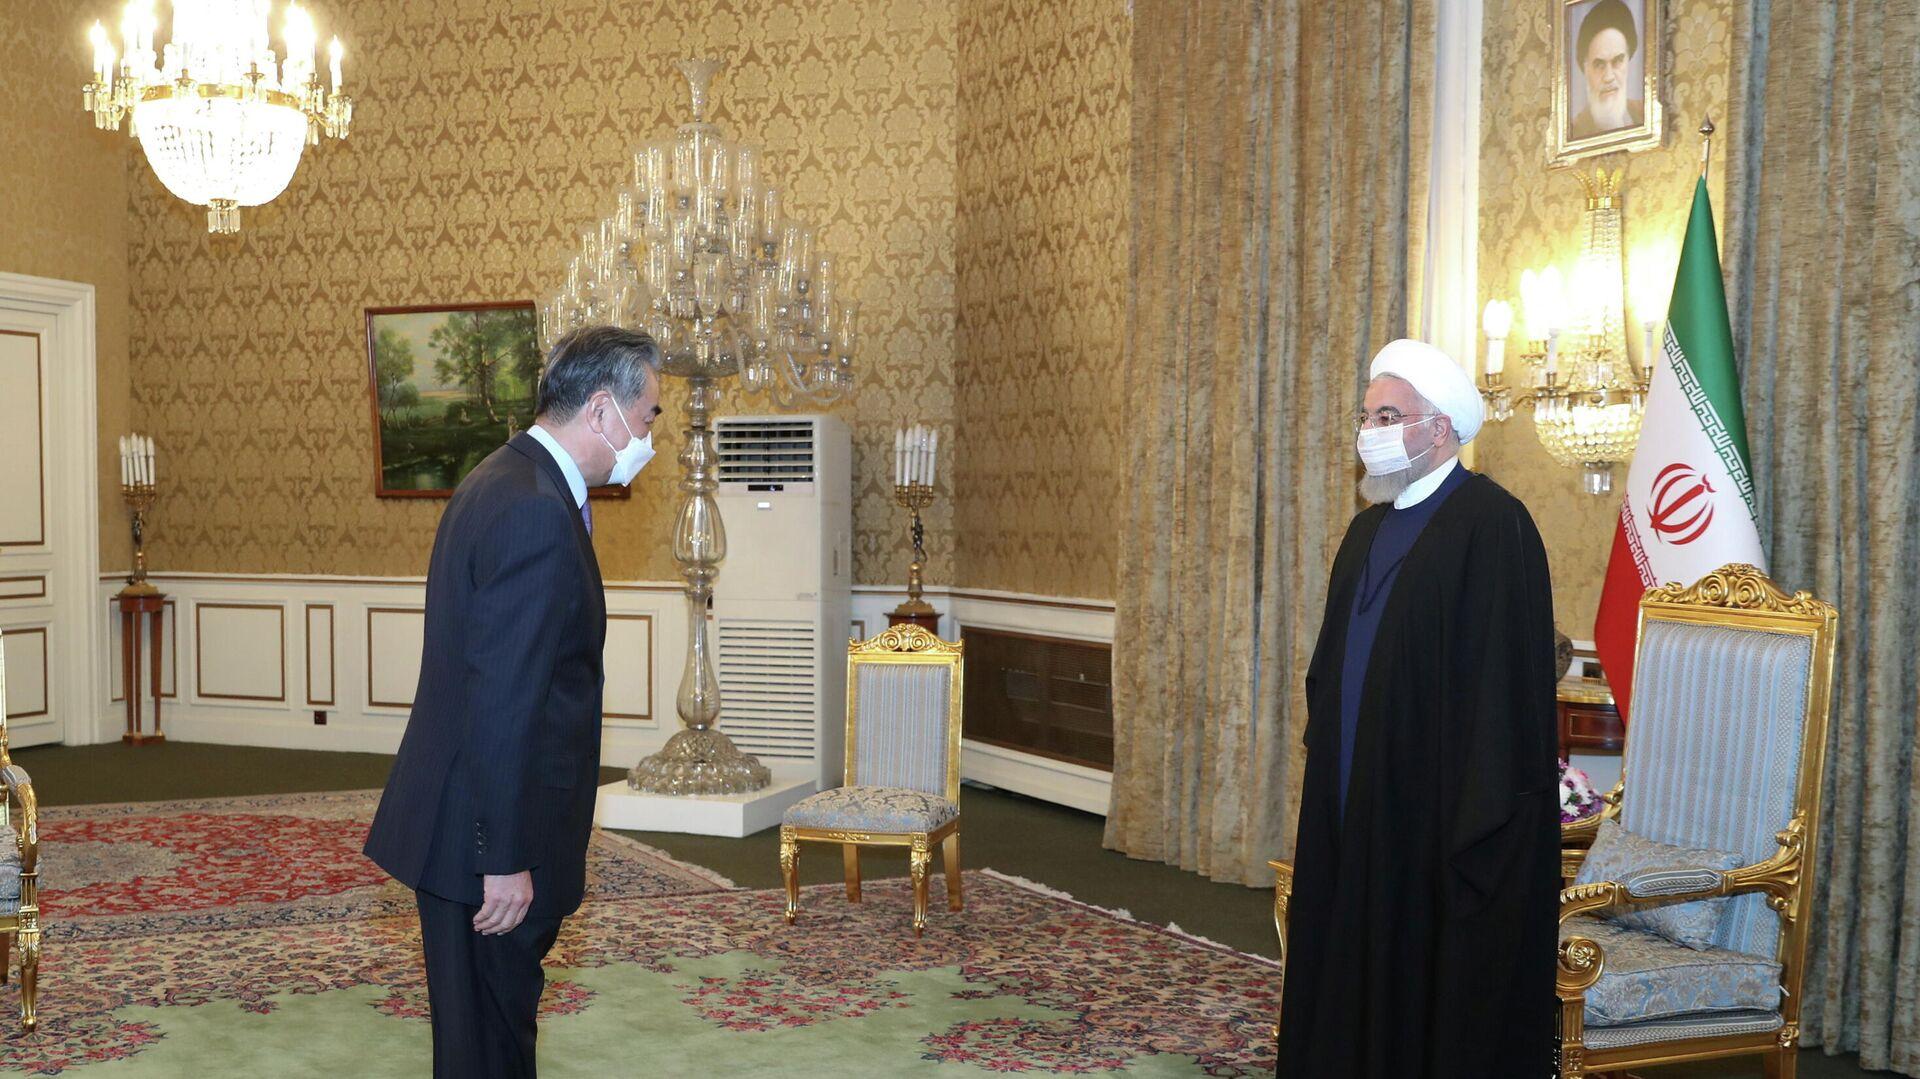 El ministro de Exteriores de China, Wang Yi, y el presidente de Irán, Hasán Rohaní - Sputnik Mundo, 1920, 27.03.2021